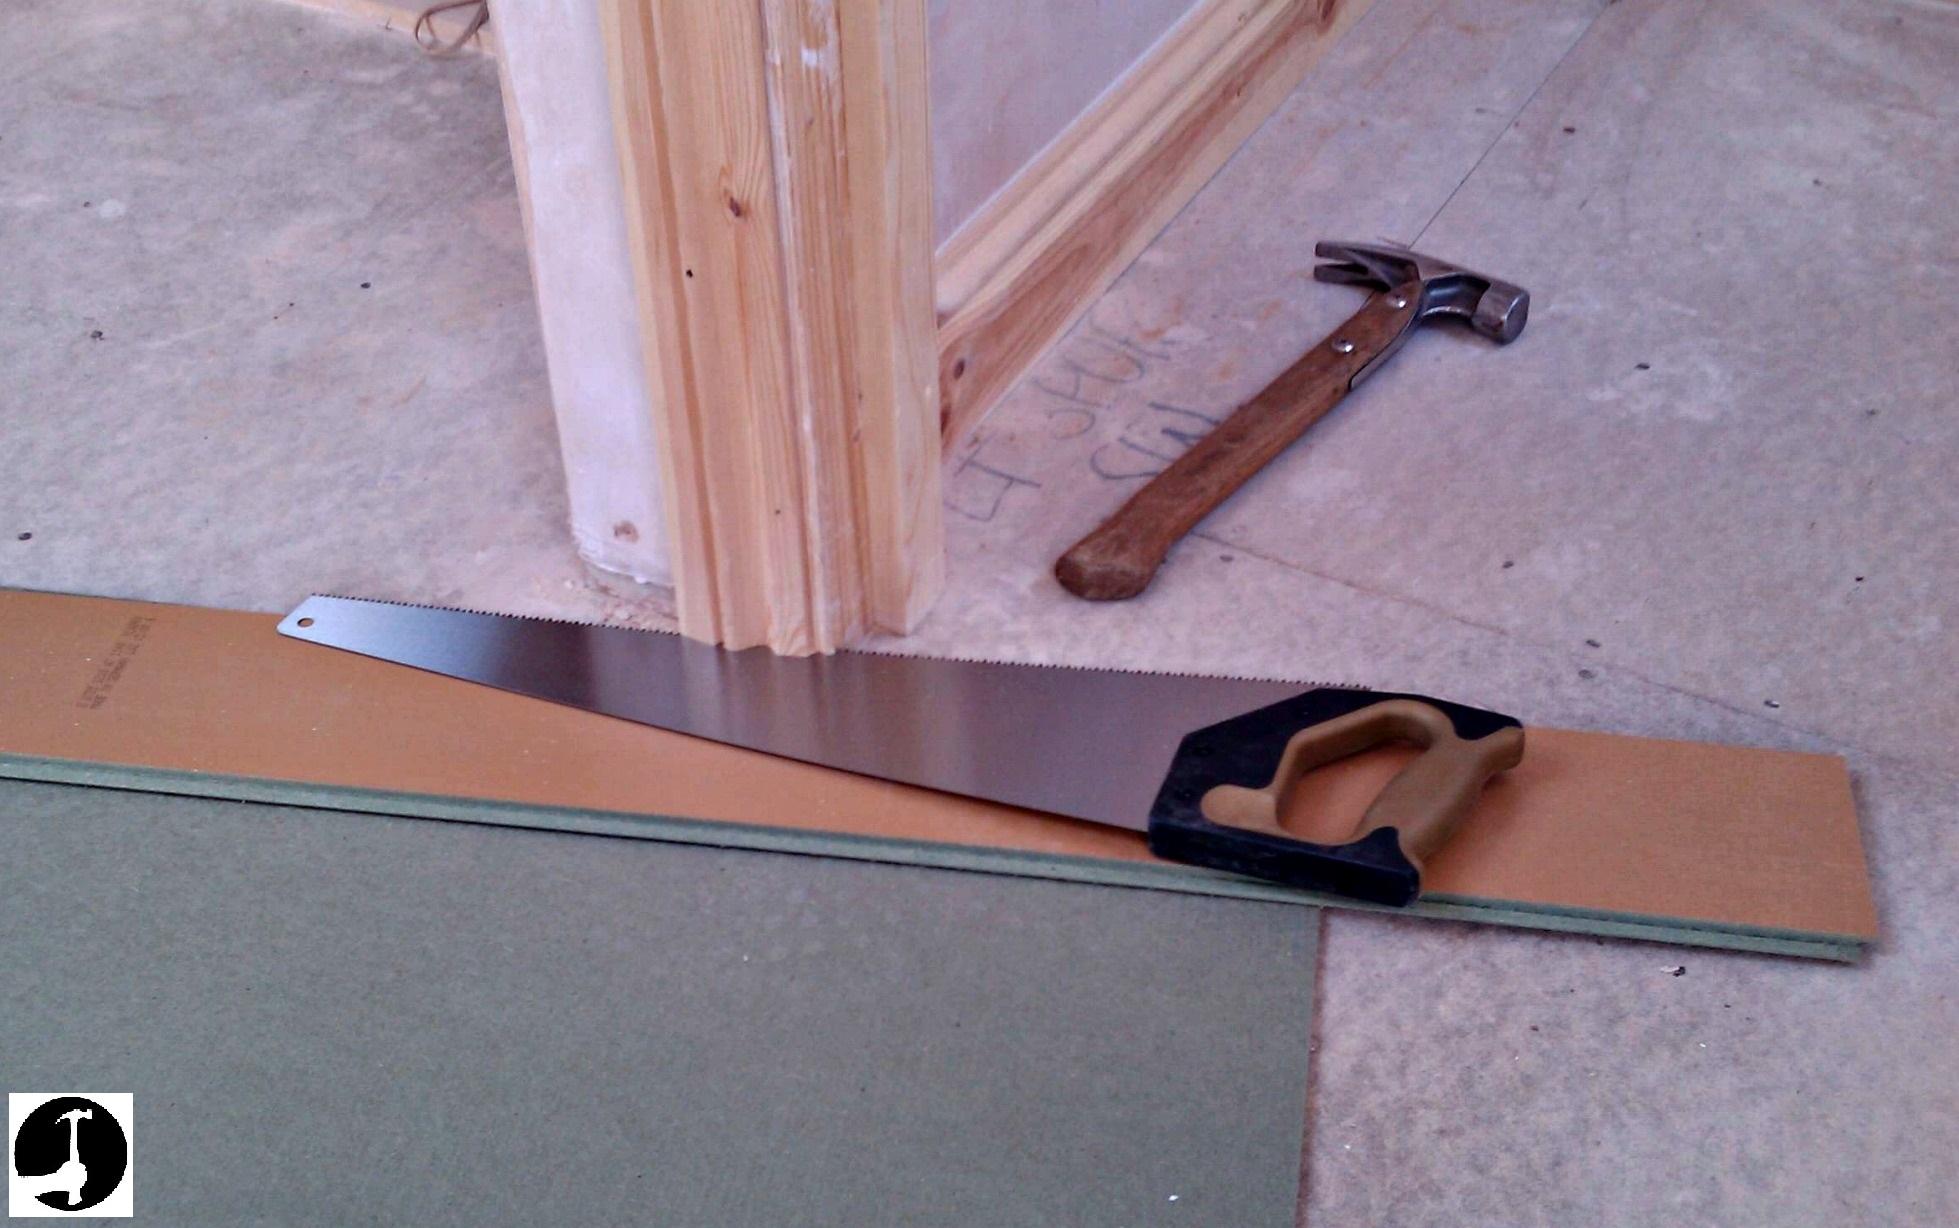 Cut the bottom of the door jamb off